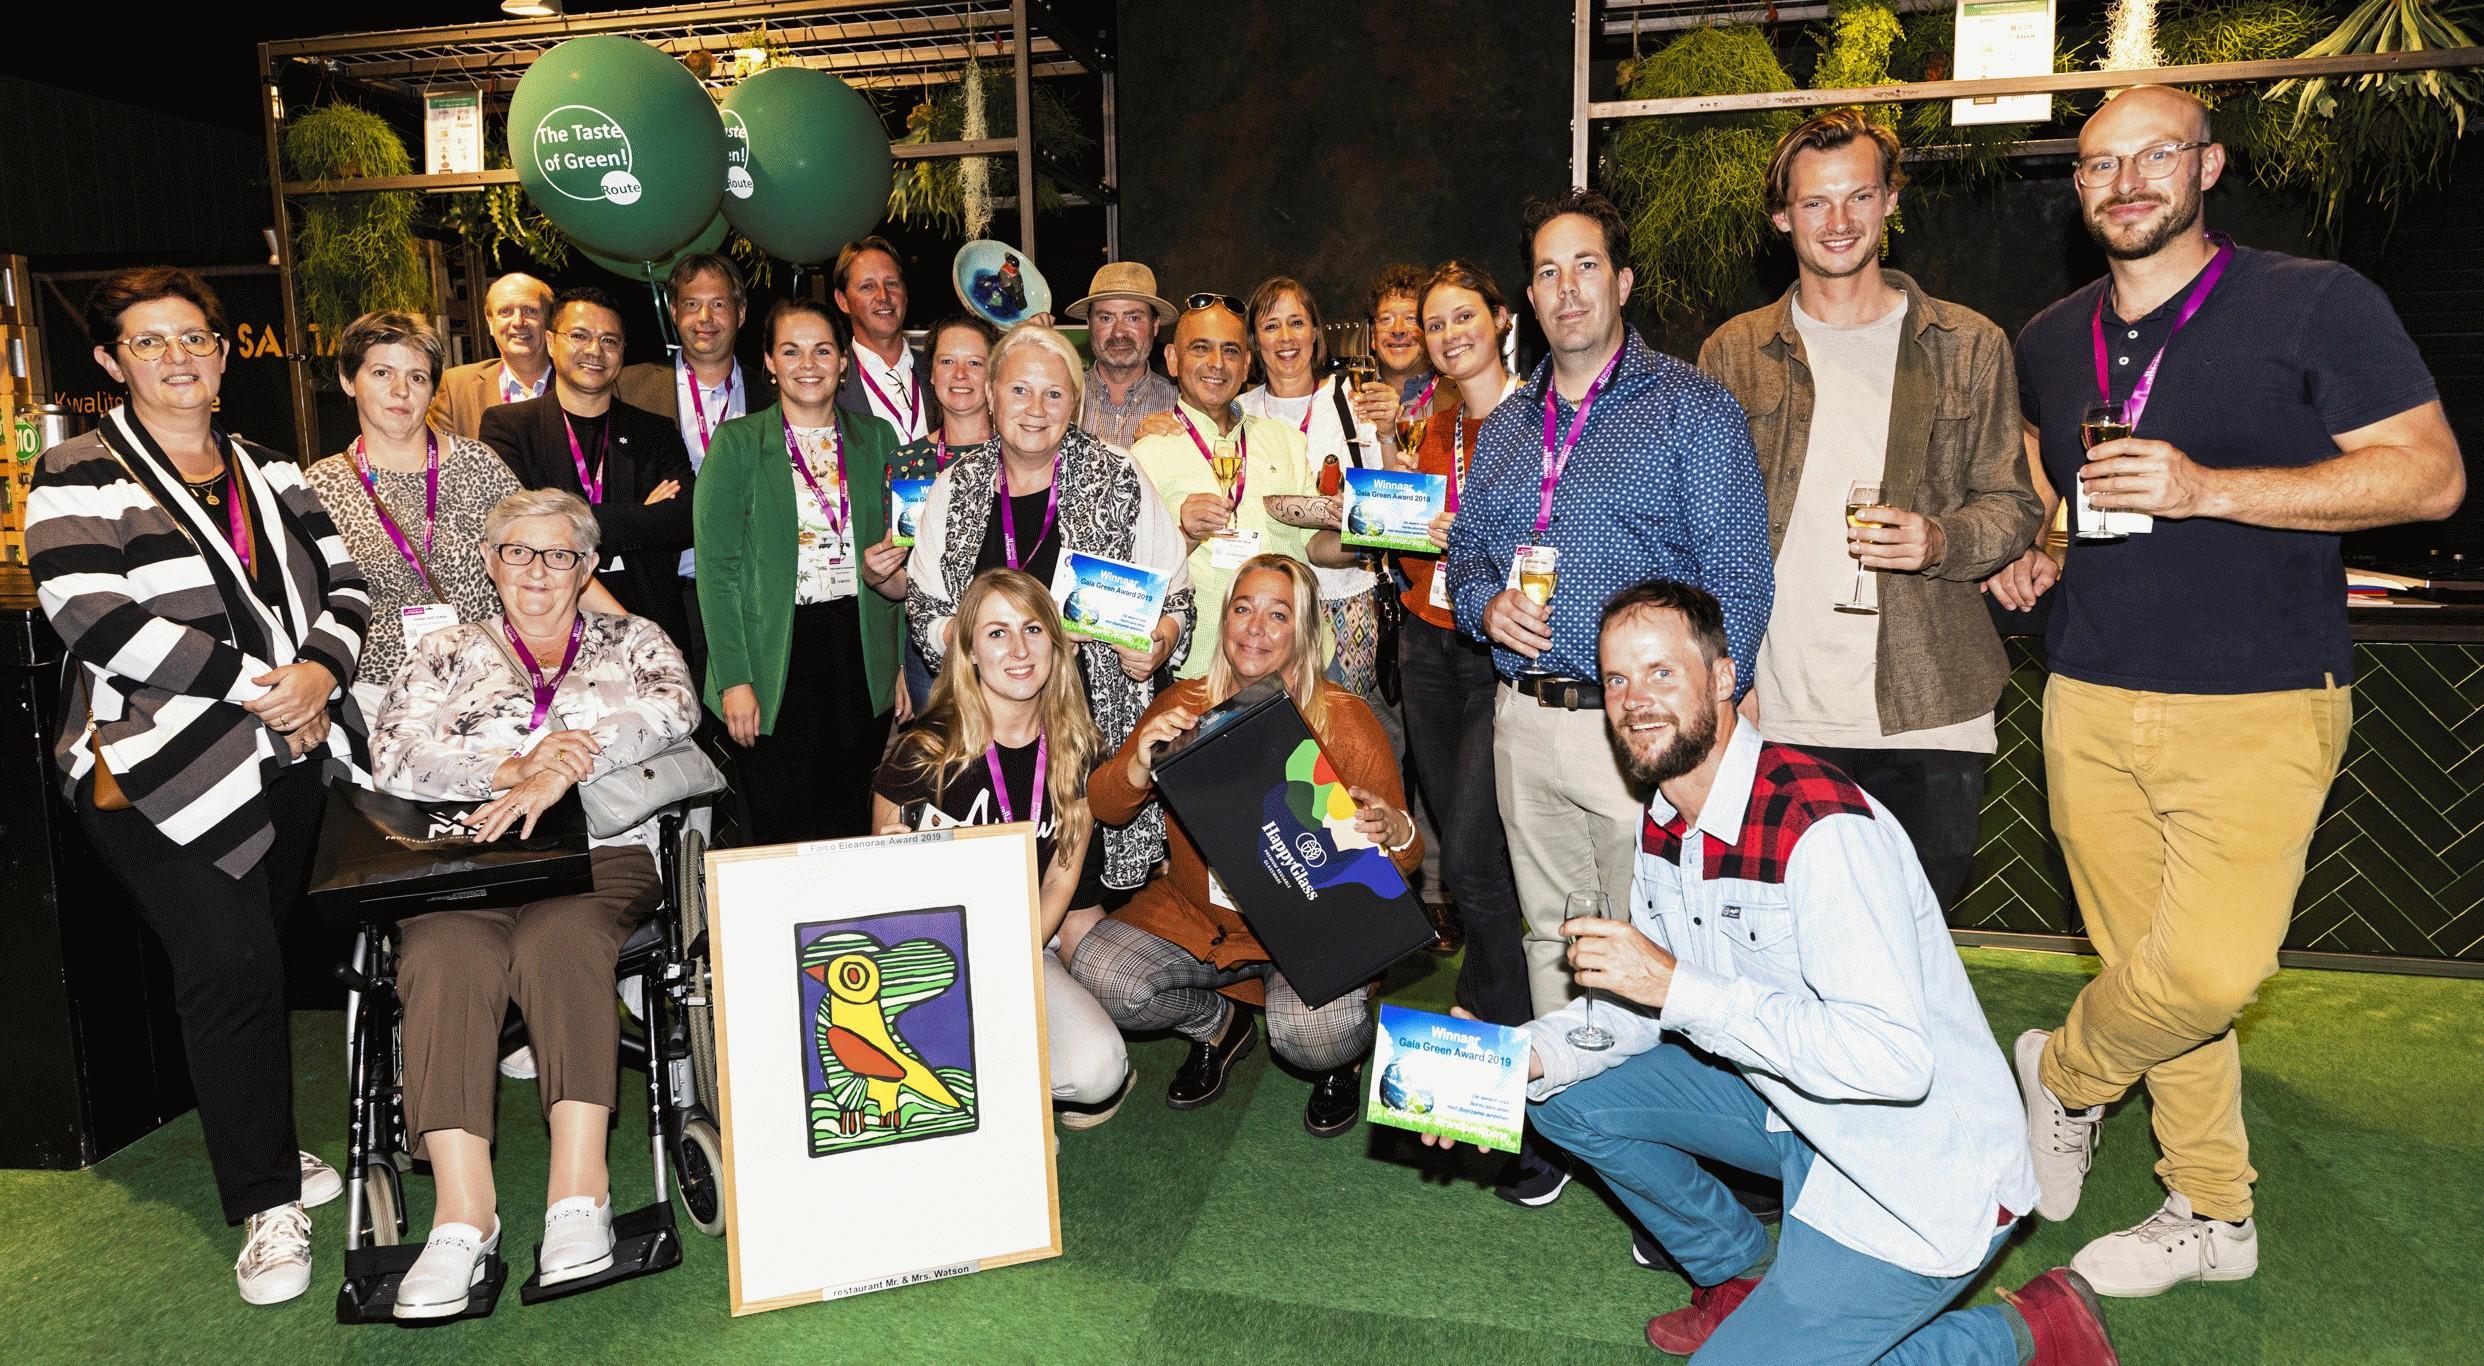 Nomineer uw favoriete duurzame horecalocatie voor de Gaia Green Awards